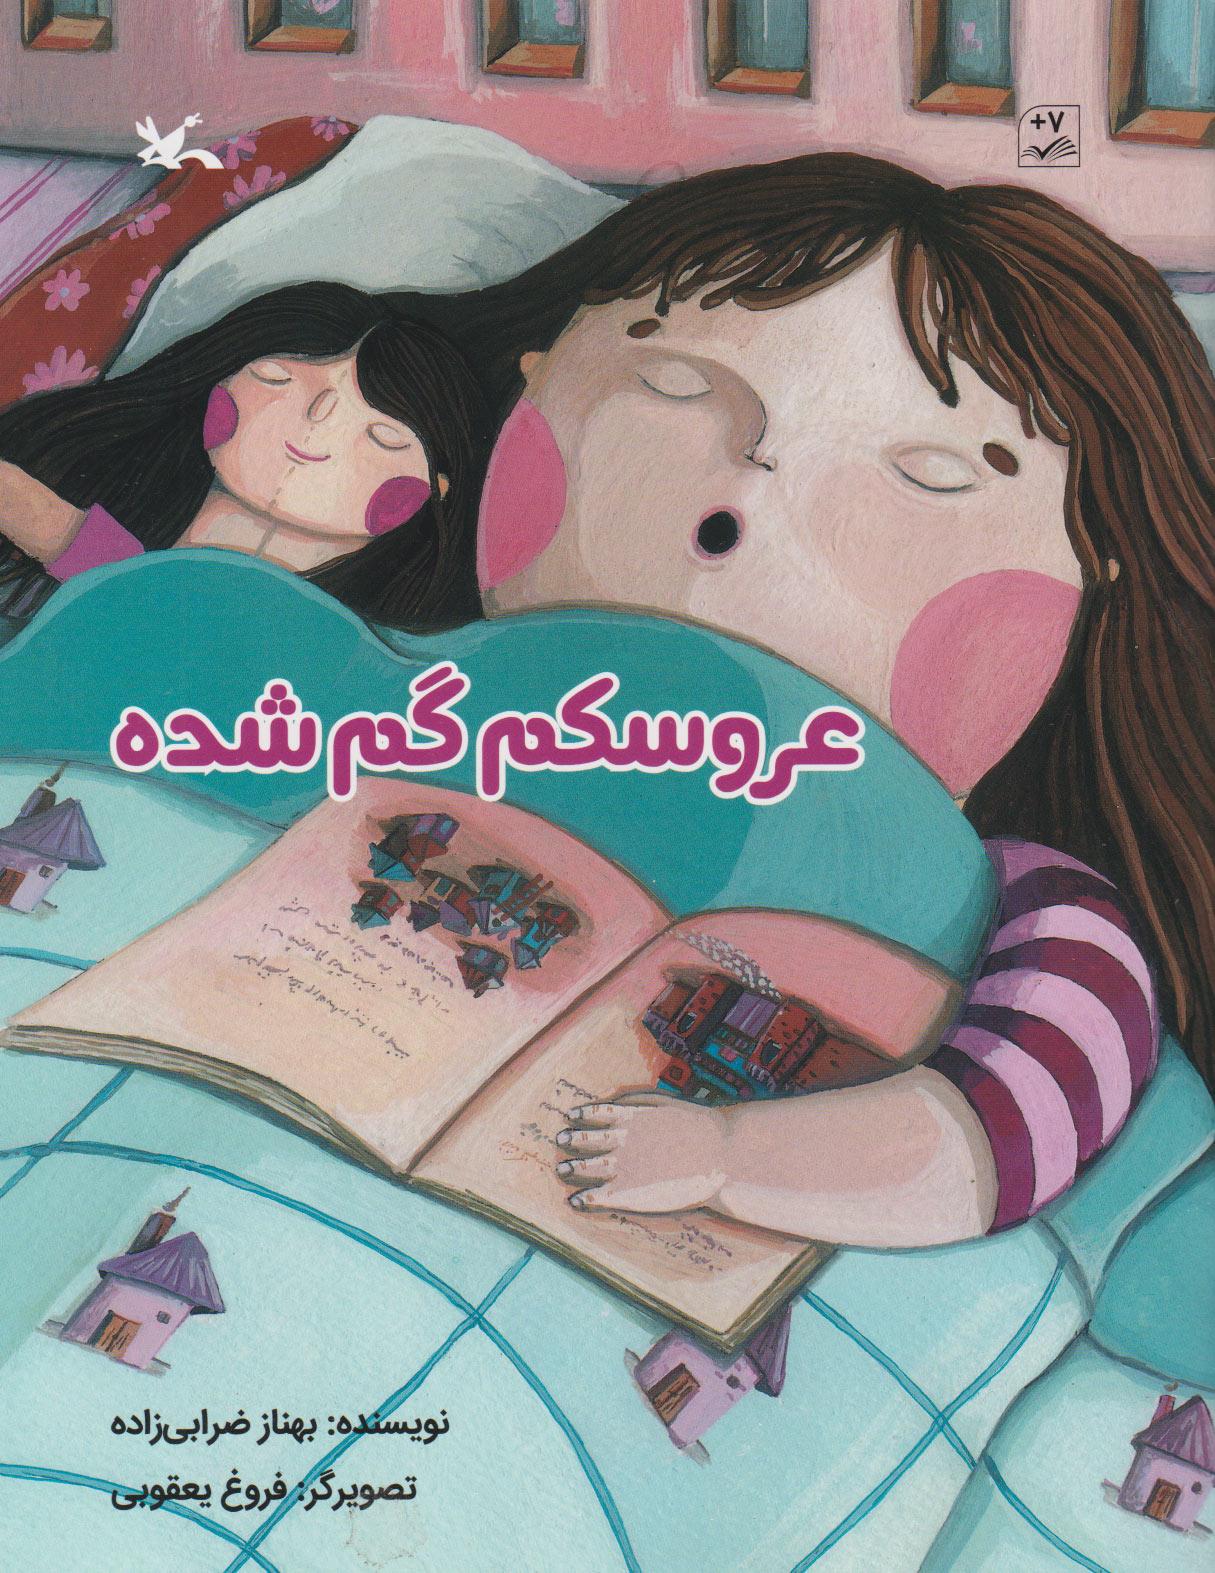 کتاب عروسکم گم شده